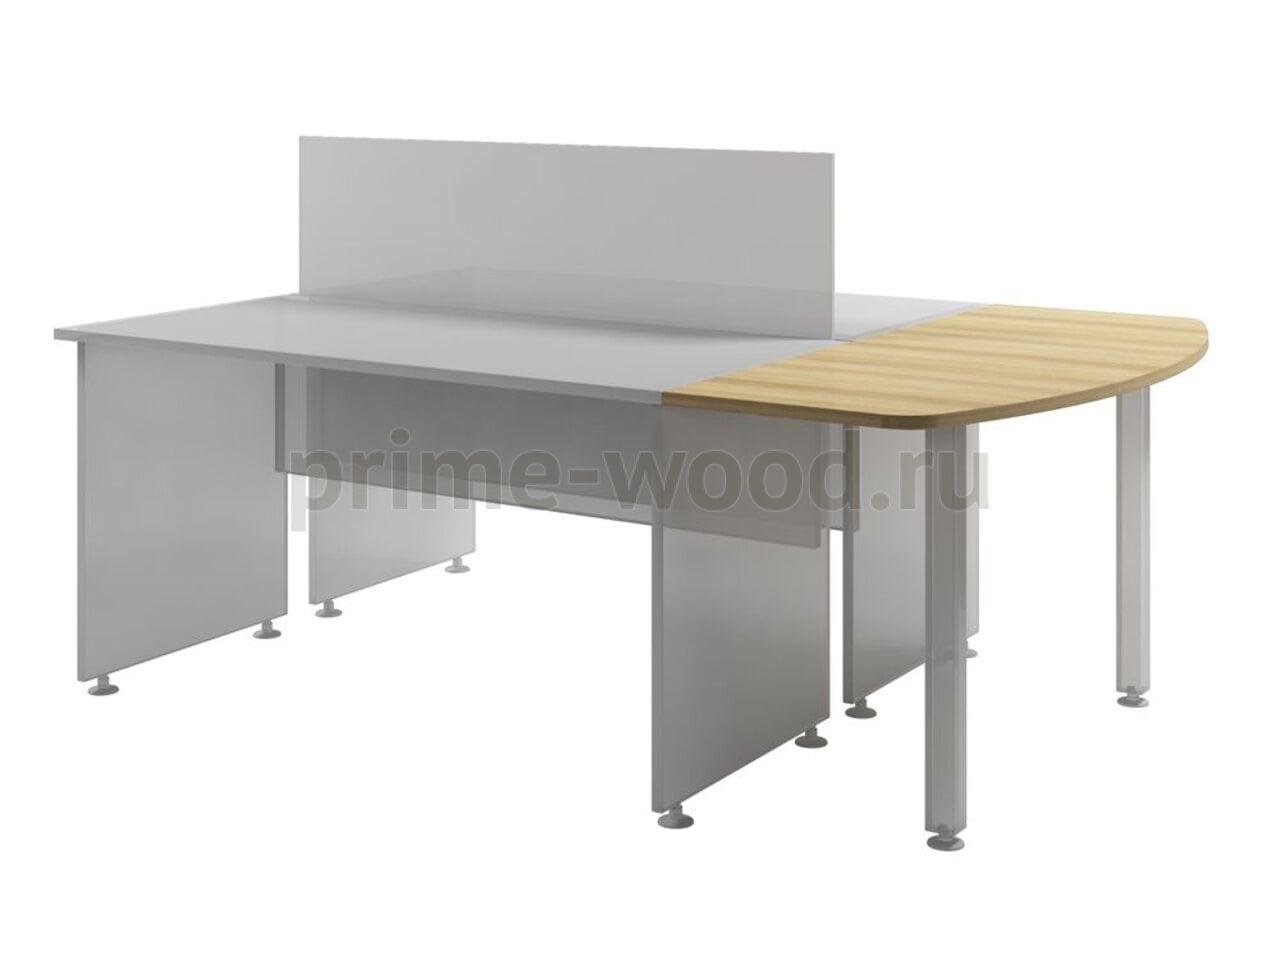 Столешница к двум столам  Space 136x60x3 - фото 3